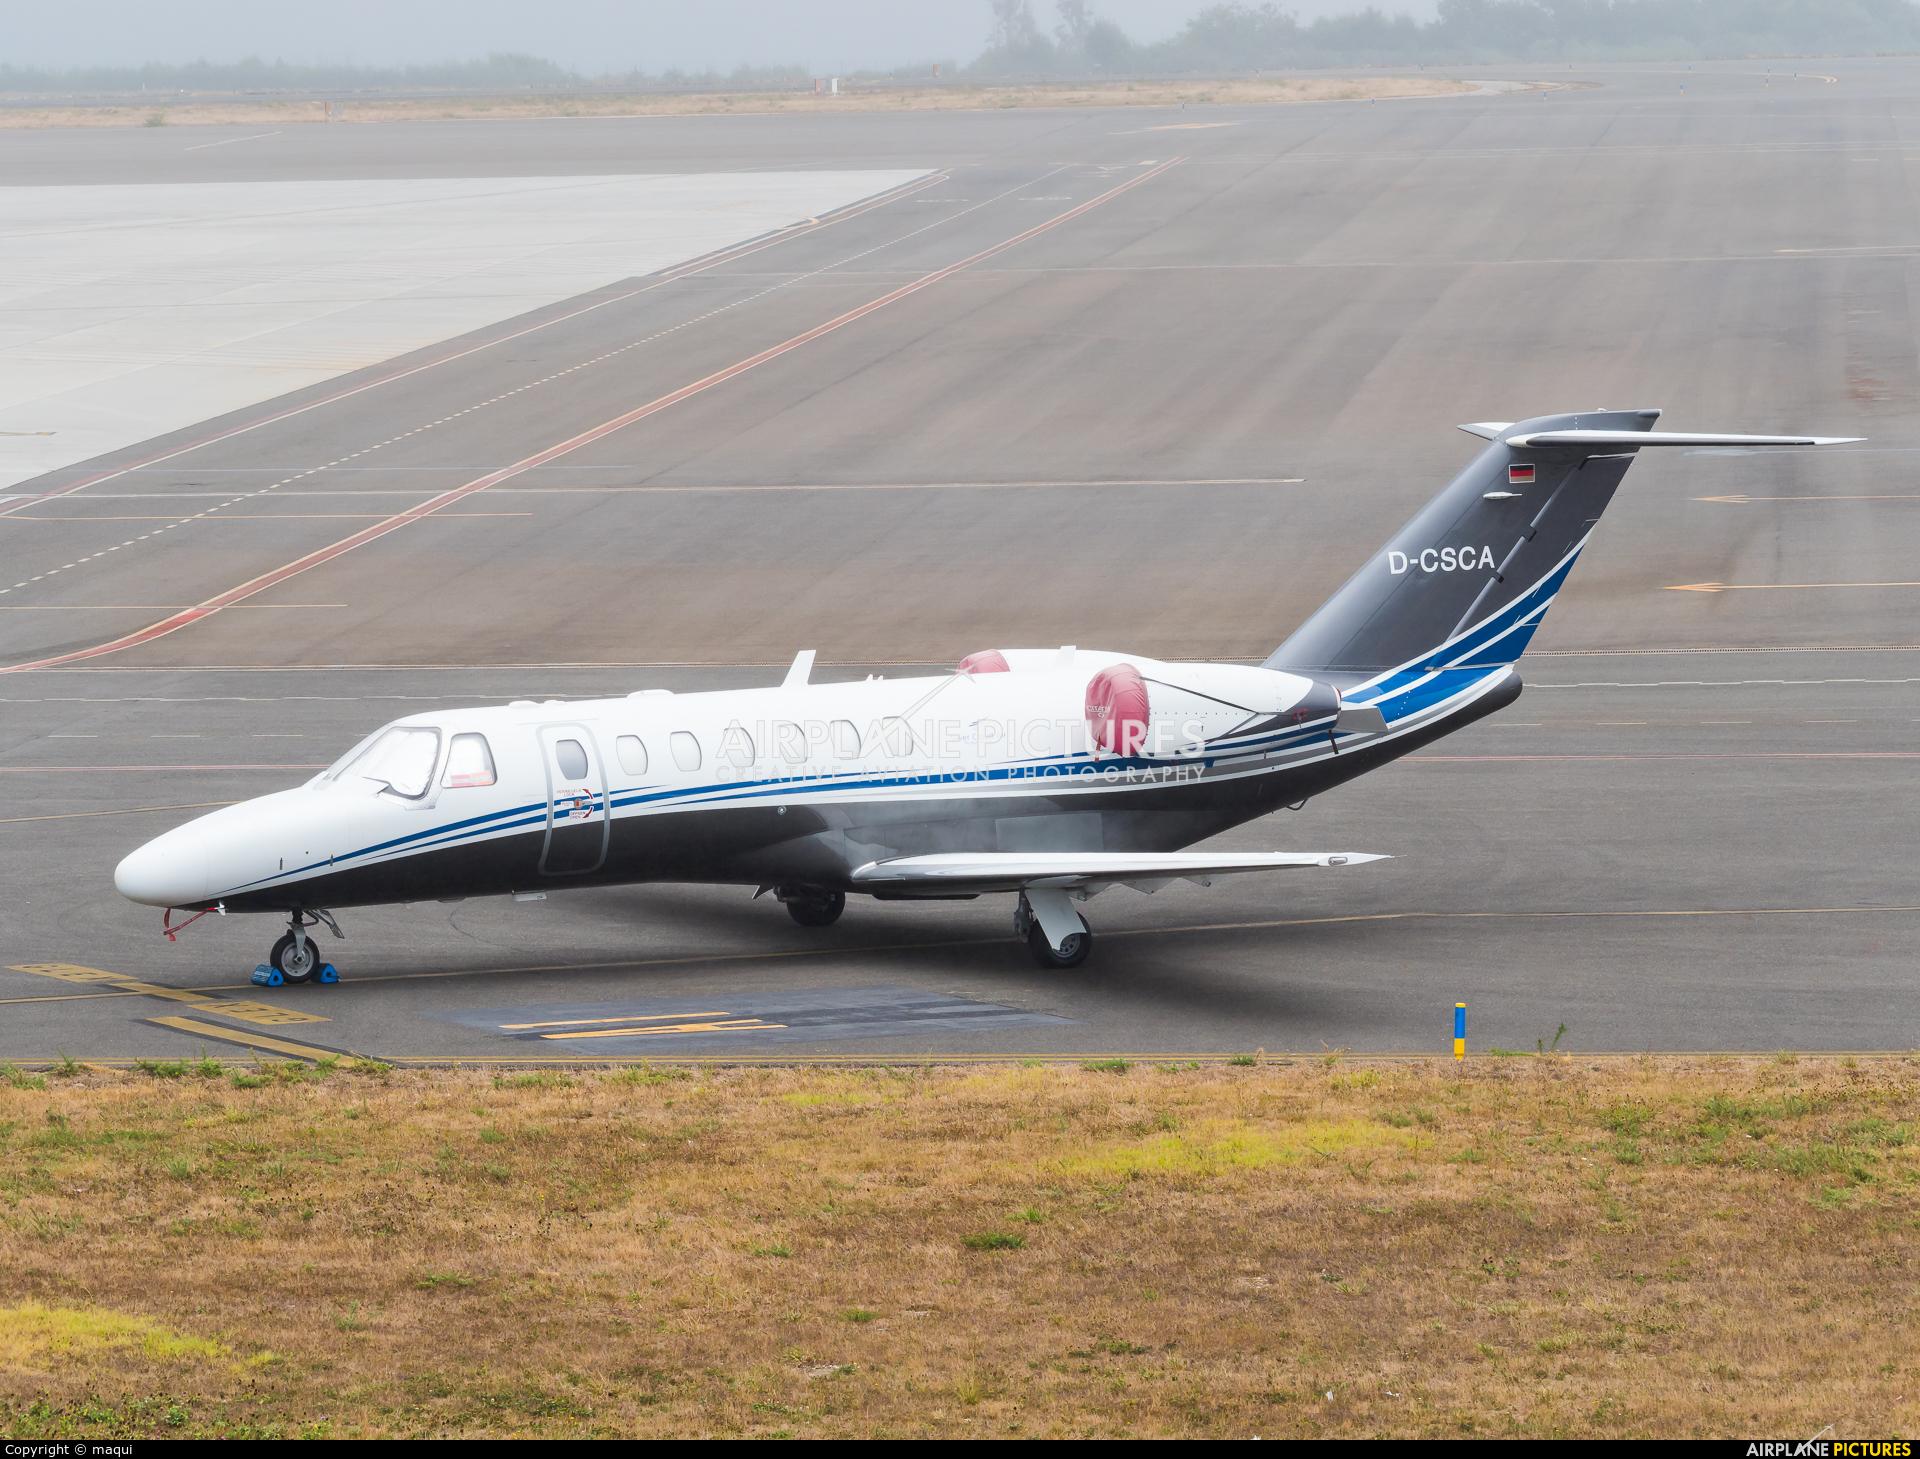 Silver Cloud Air D-CSCA aircraft at Santiago de Compostela